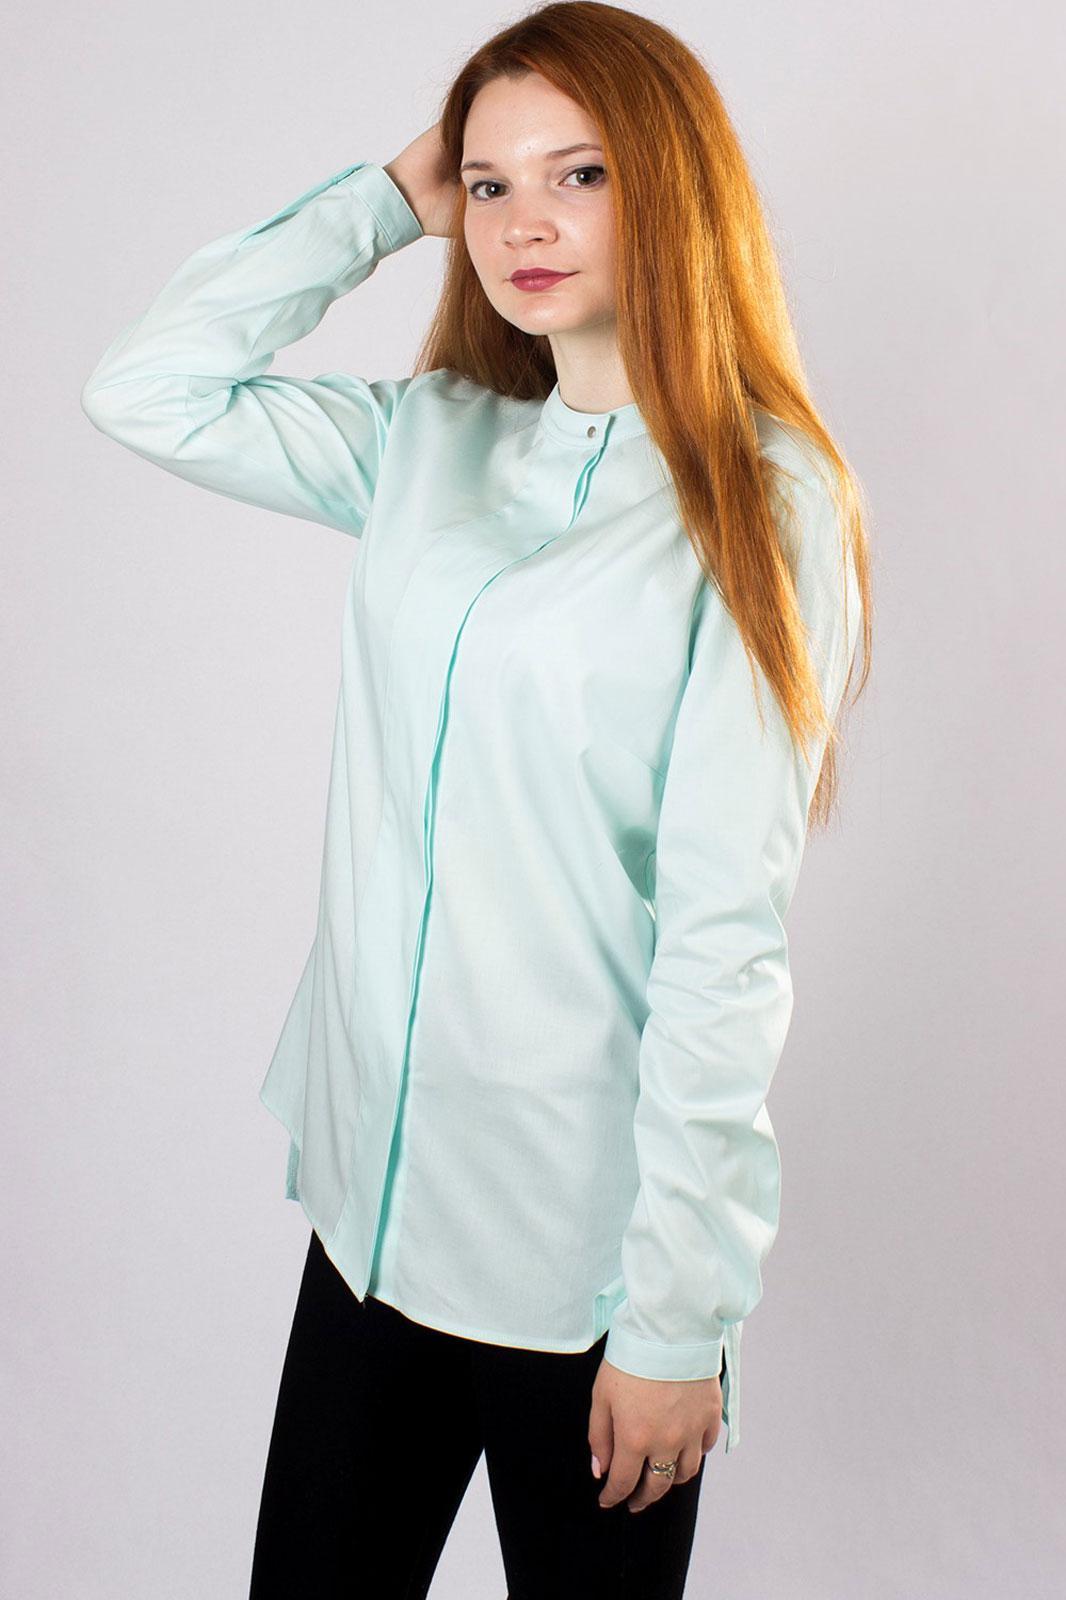 Купить Блузка Nadex, 633012 мятный 164, Беларусь